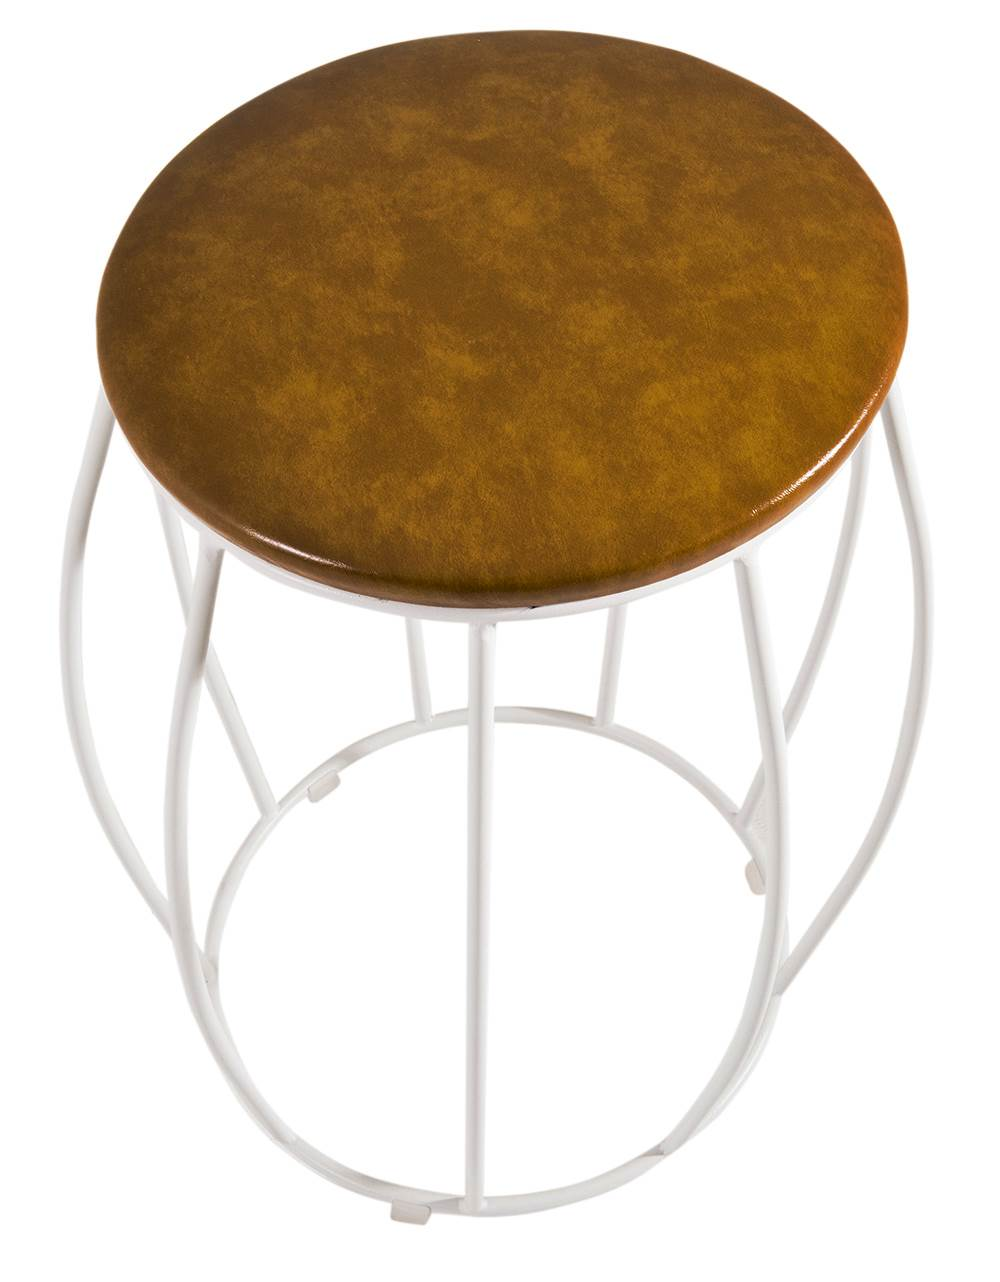 Seat Garden Elite Base Branca Caramelo Shine 40 cm - 39919